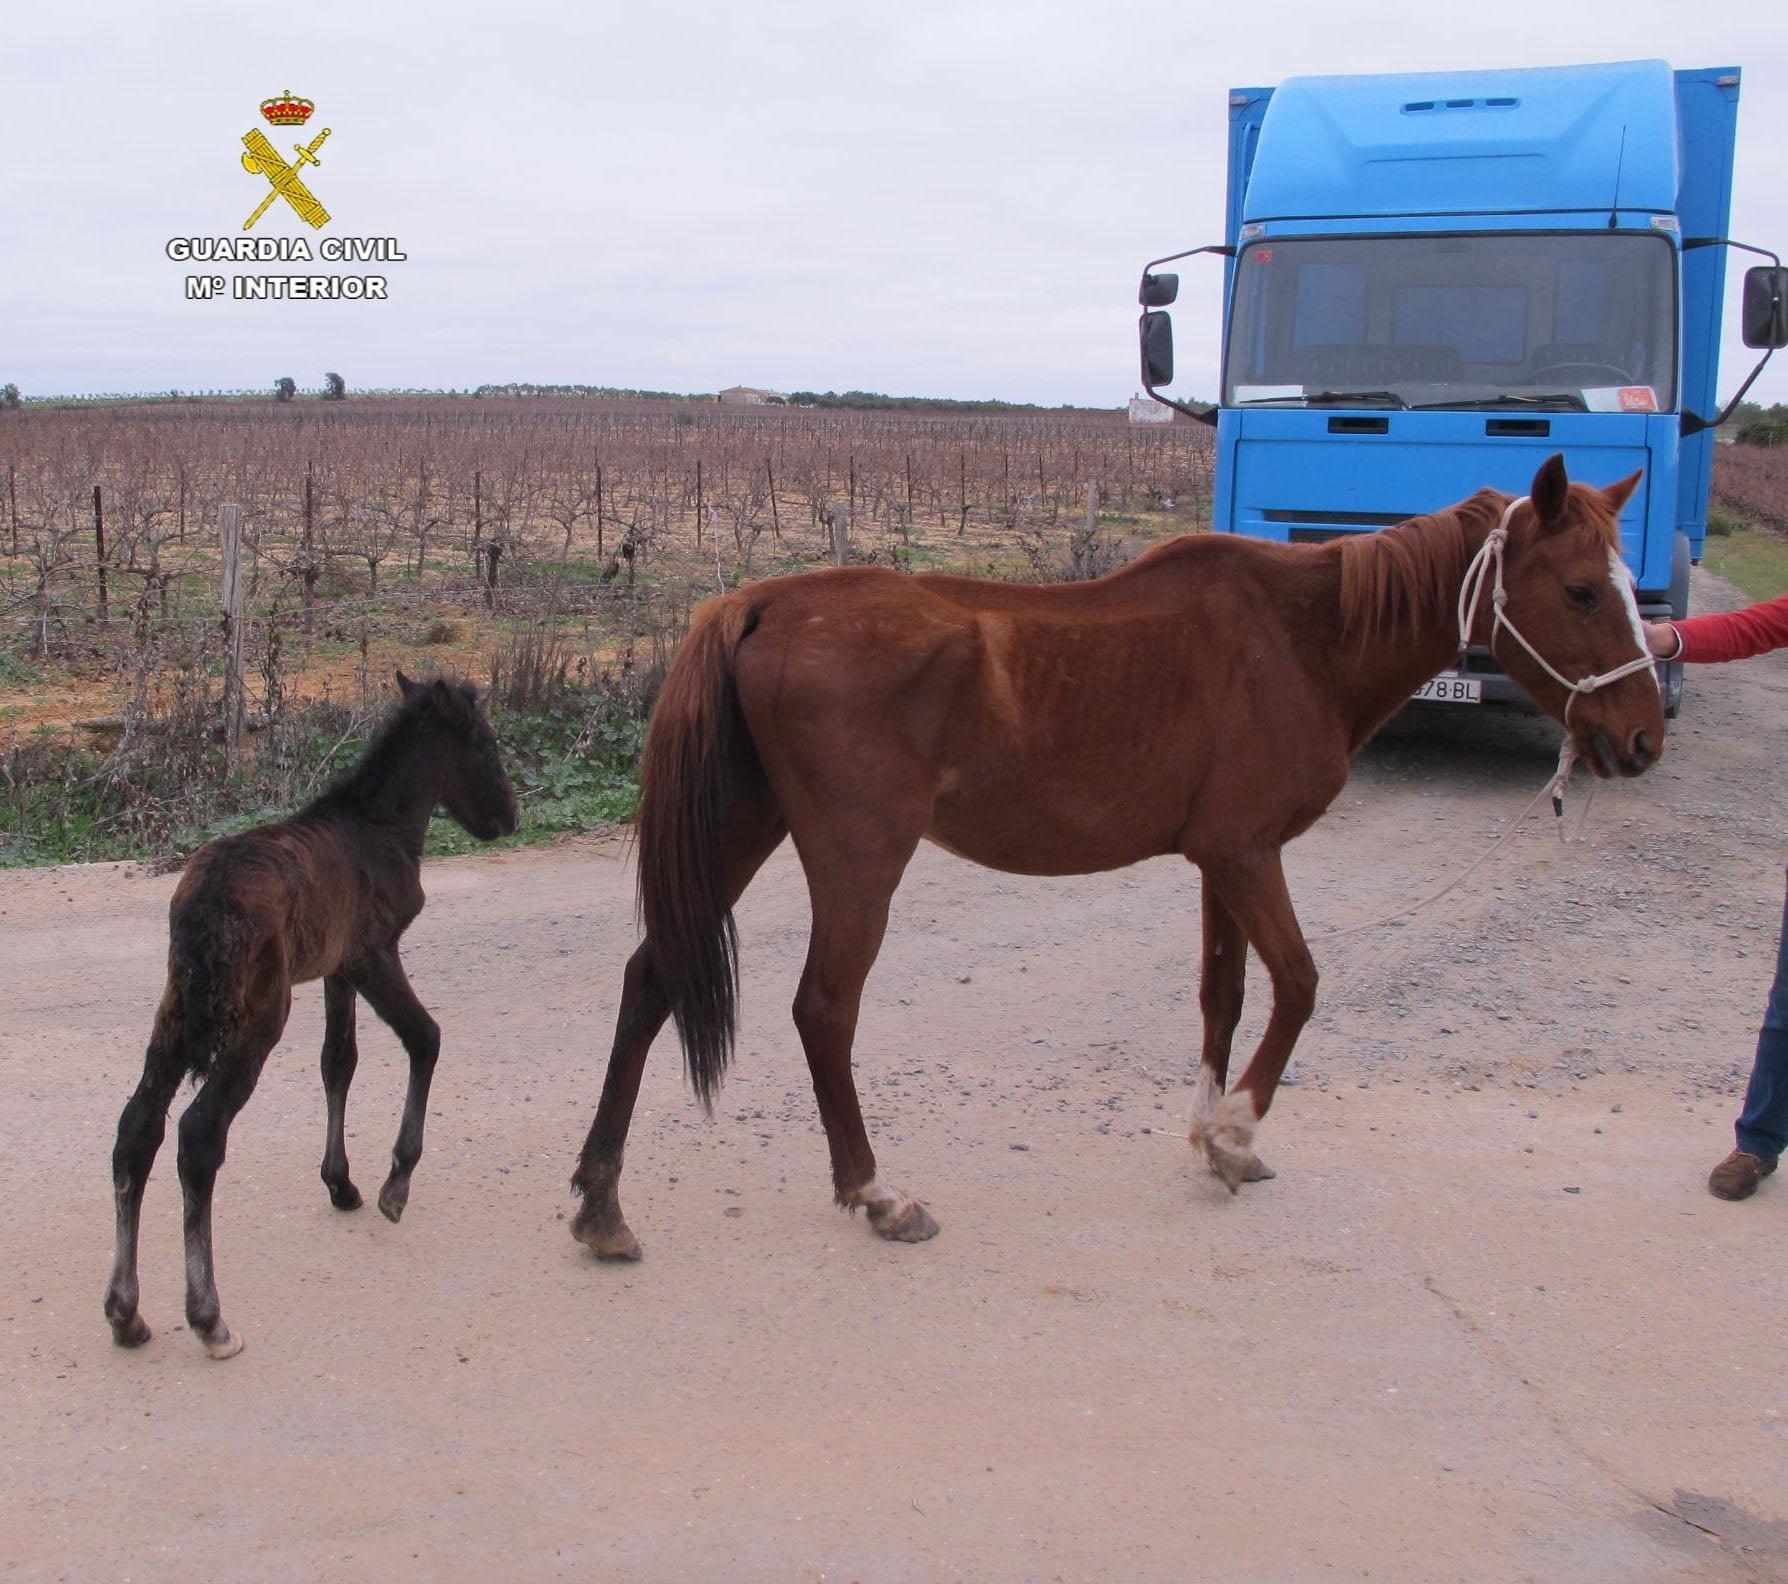 El propietario de los caballos se enfrenta a un delito de abandono de animales